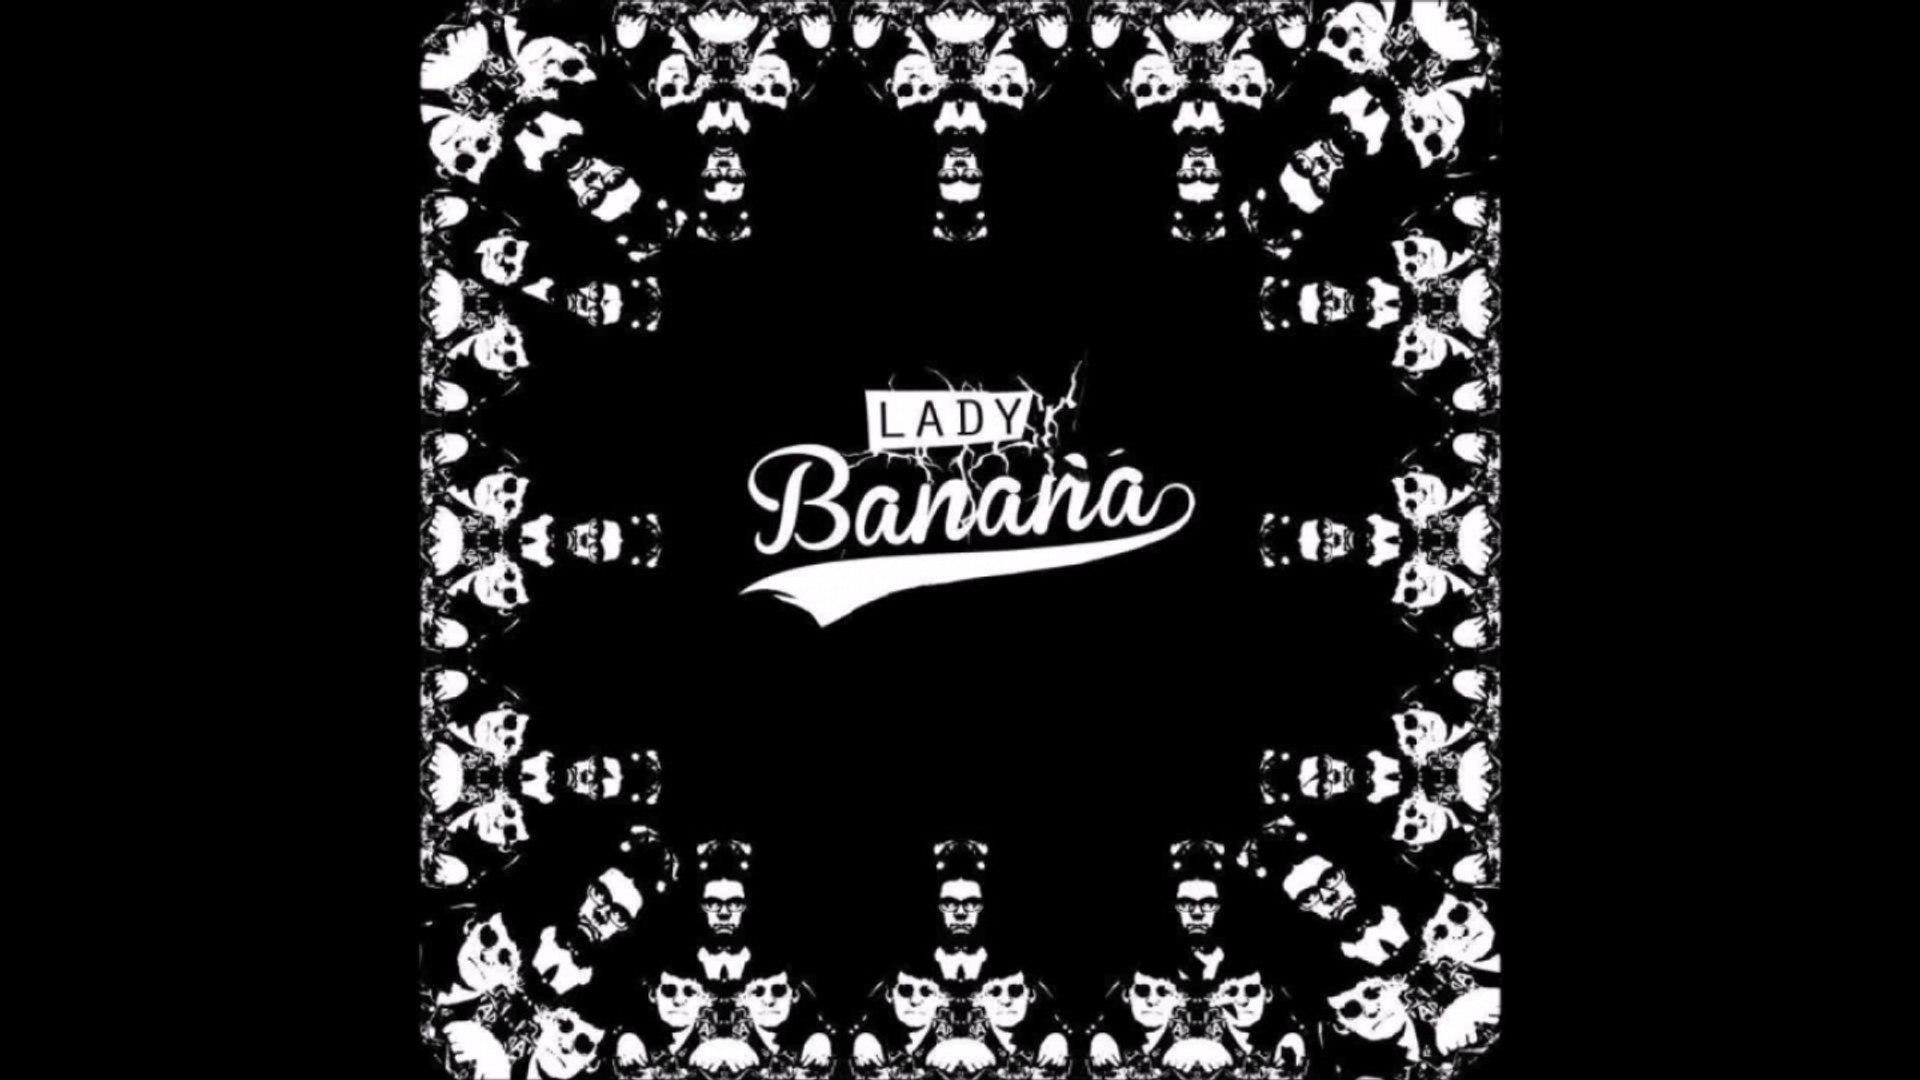 LADY BANANA - Run Run Run